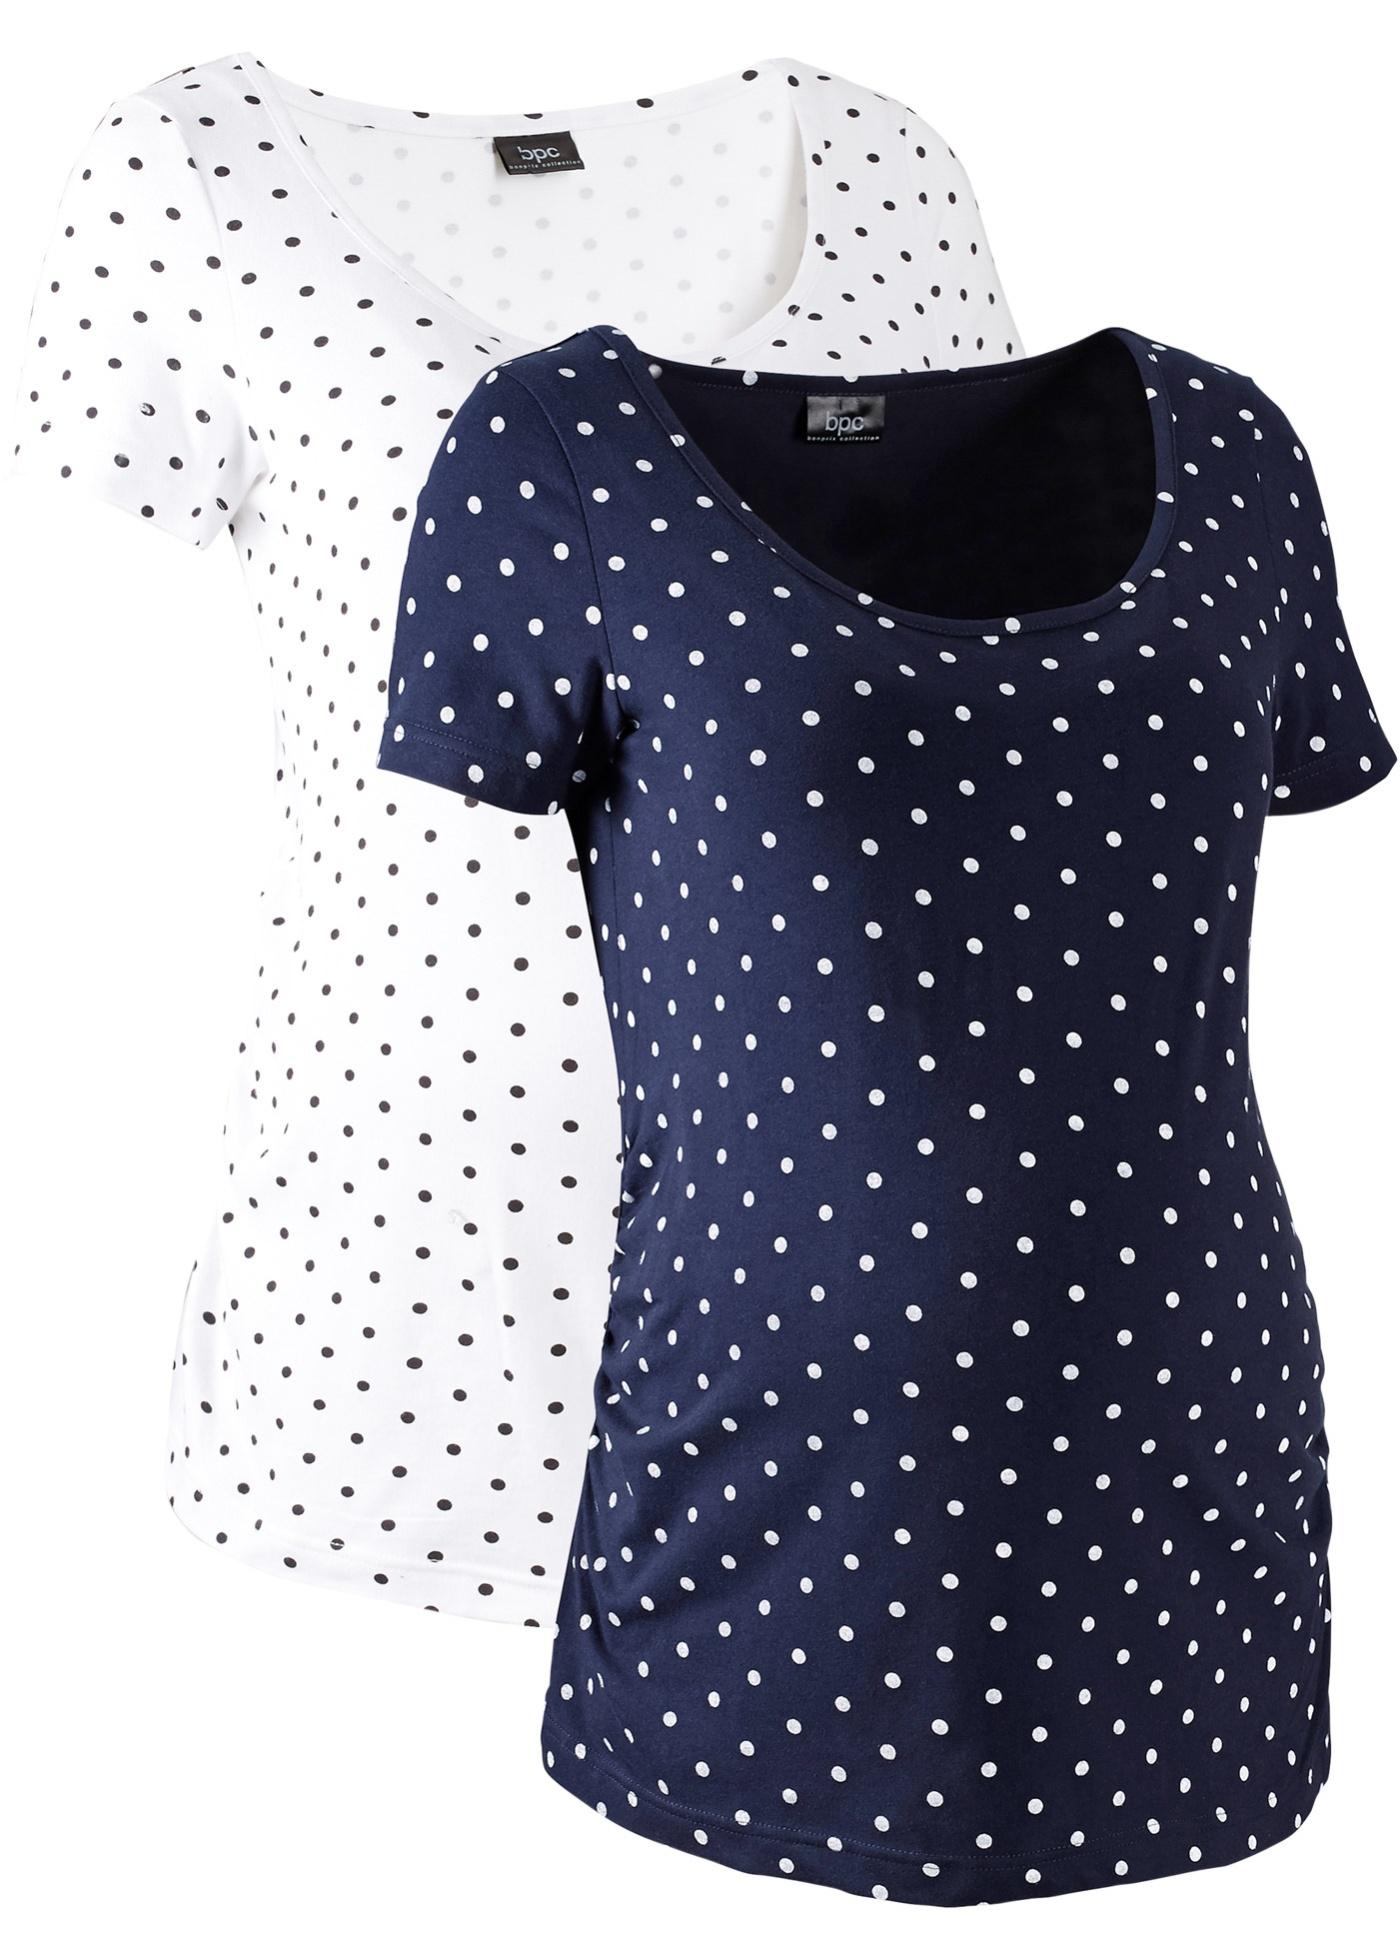 Bonprix Femme Coton Grossesse De En Blanc CollectionLot shirts Bpc Mi manches T Bio Pour 2 DH2EW9I